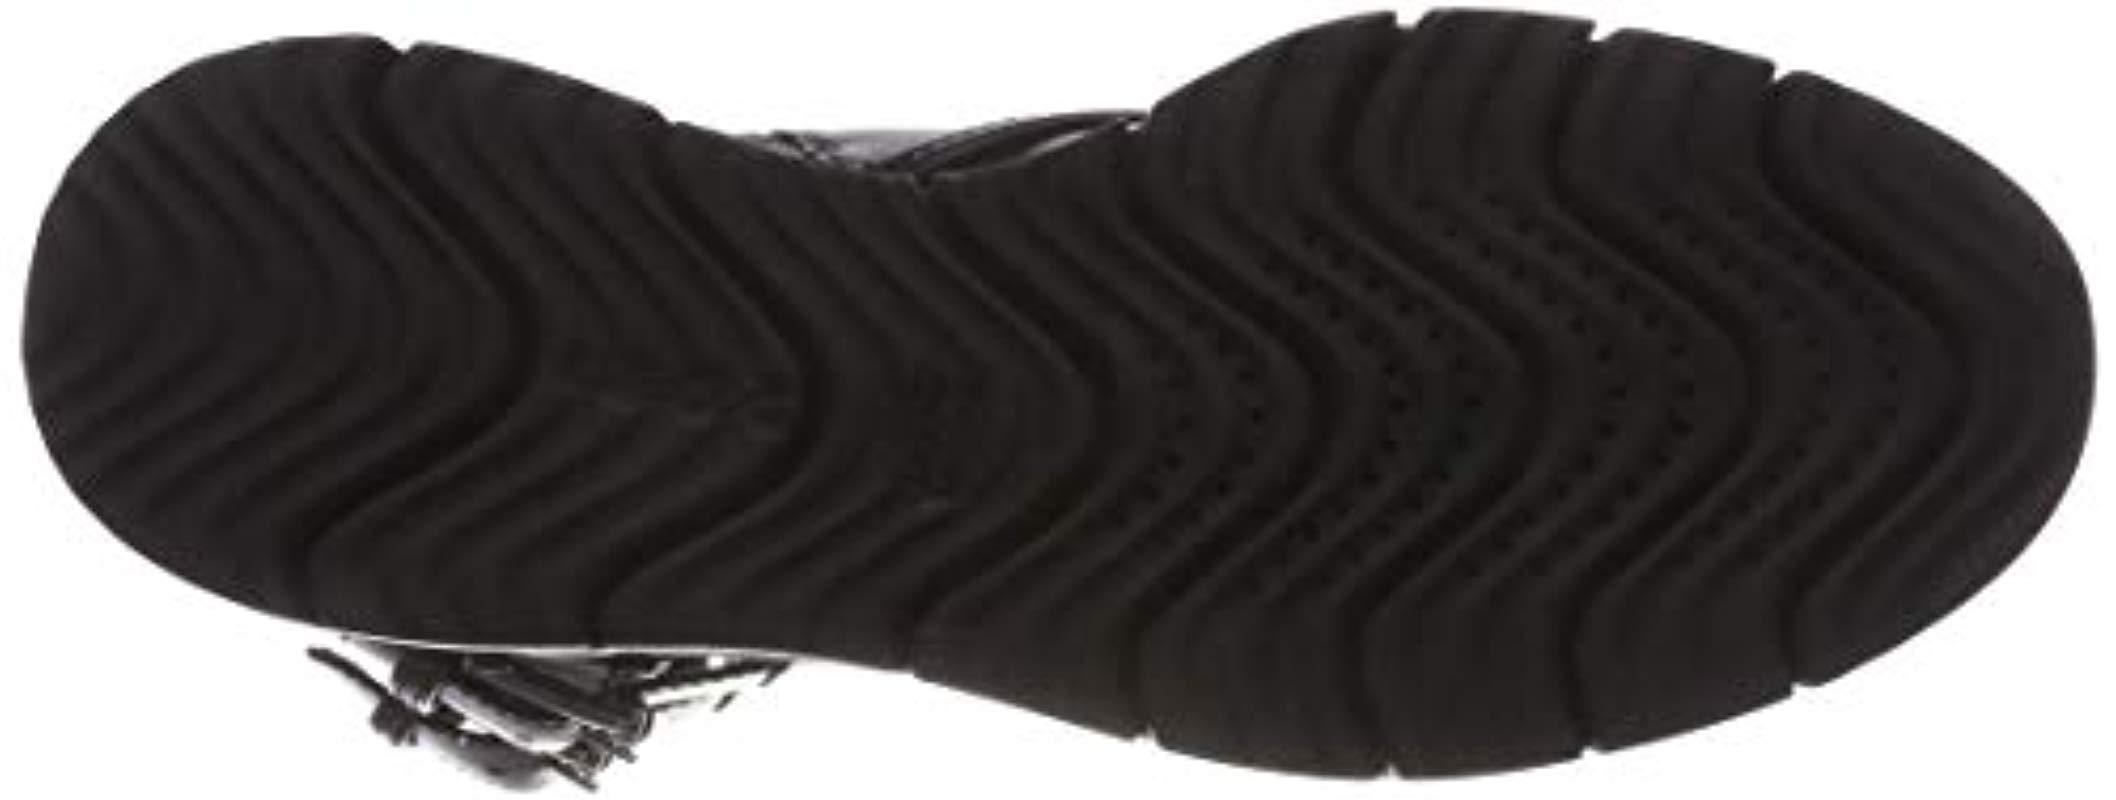 D PORTHYA D Geox de color Negro - 65 % de descuento